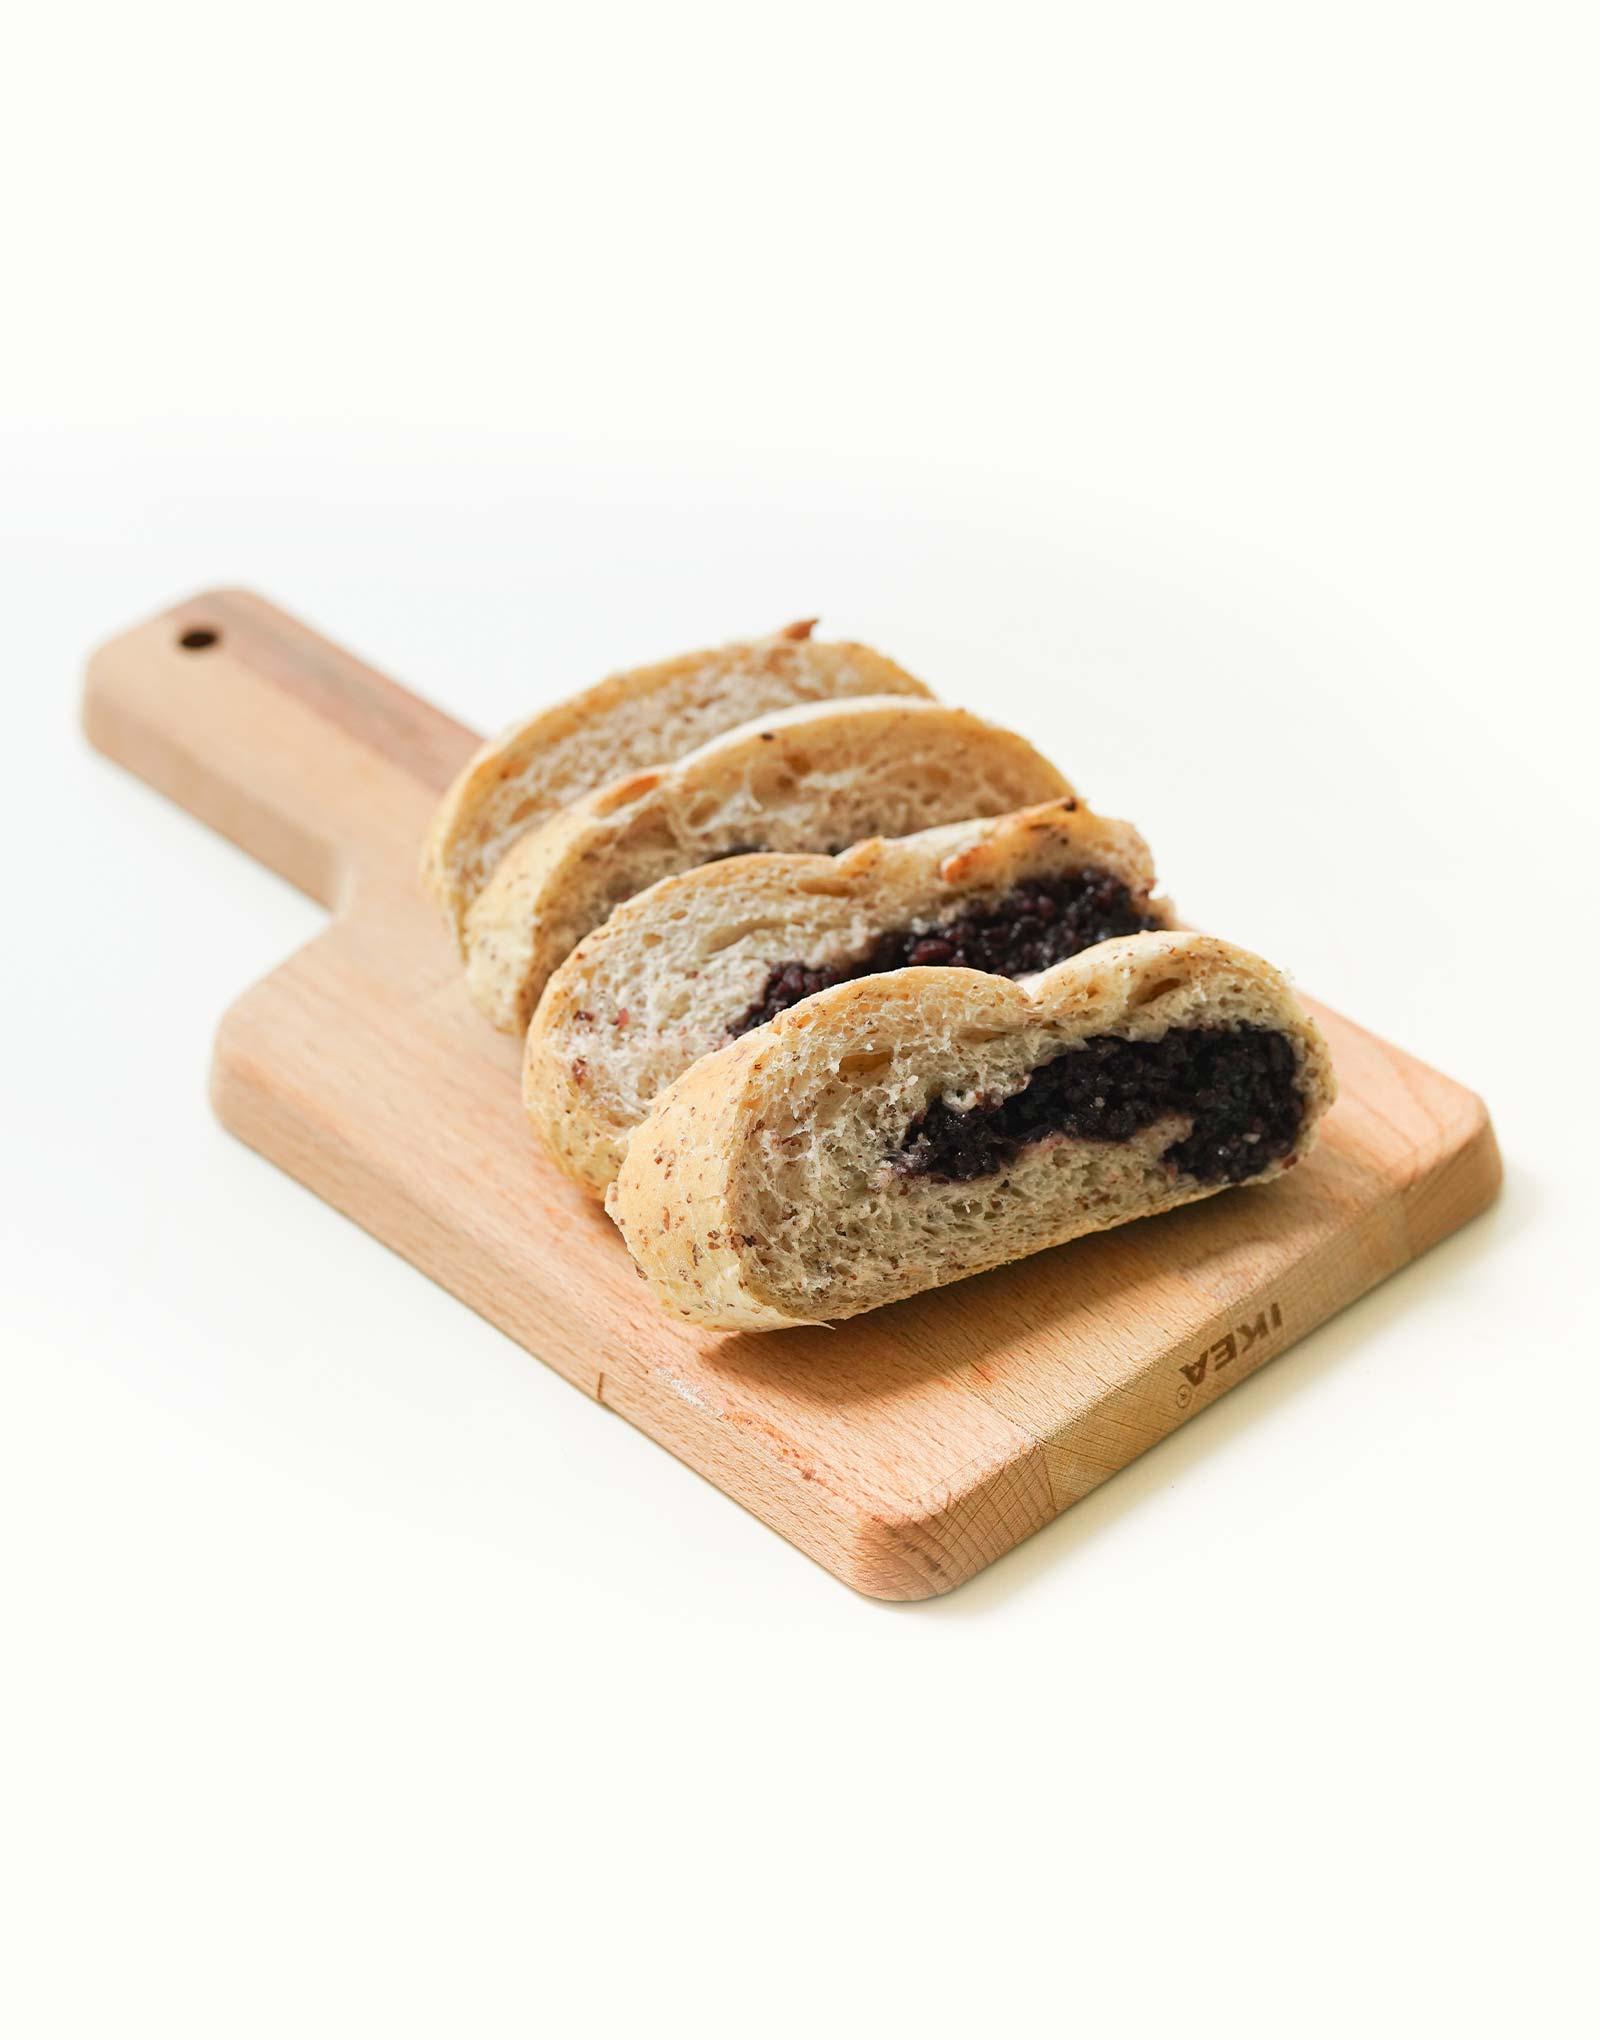 blackberry-stuffed-bread